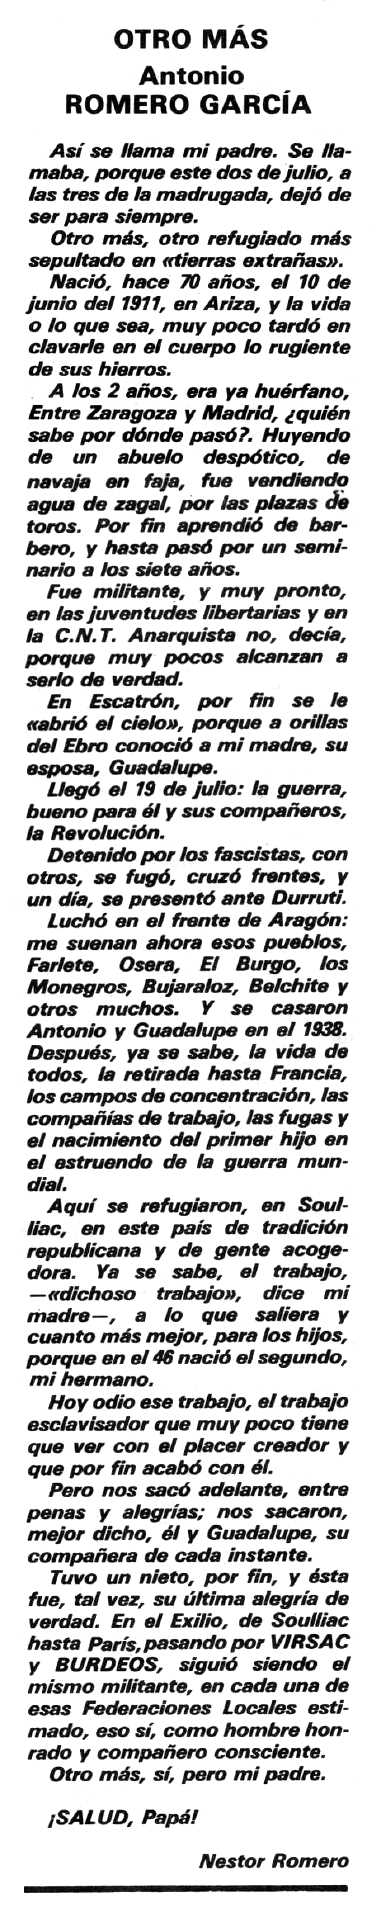 """Necrològica d'Antonio Romero García publicada en el periòdic tolosà """"Espoir"""" del 26 de juliol de 1981"""